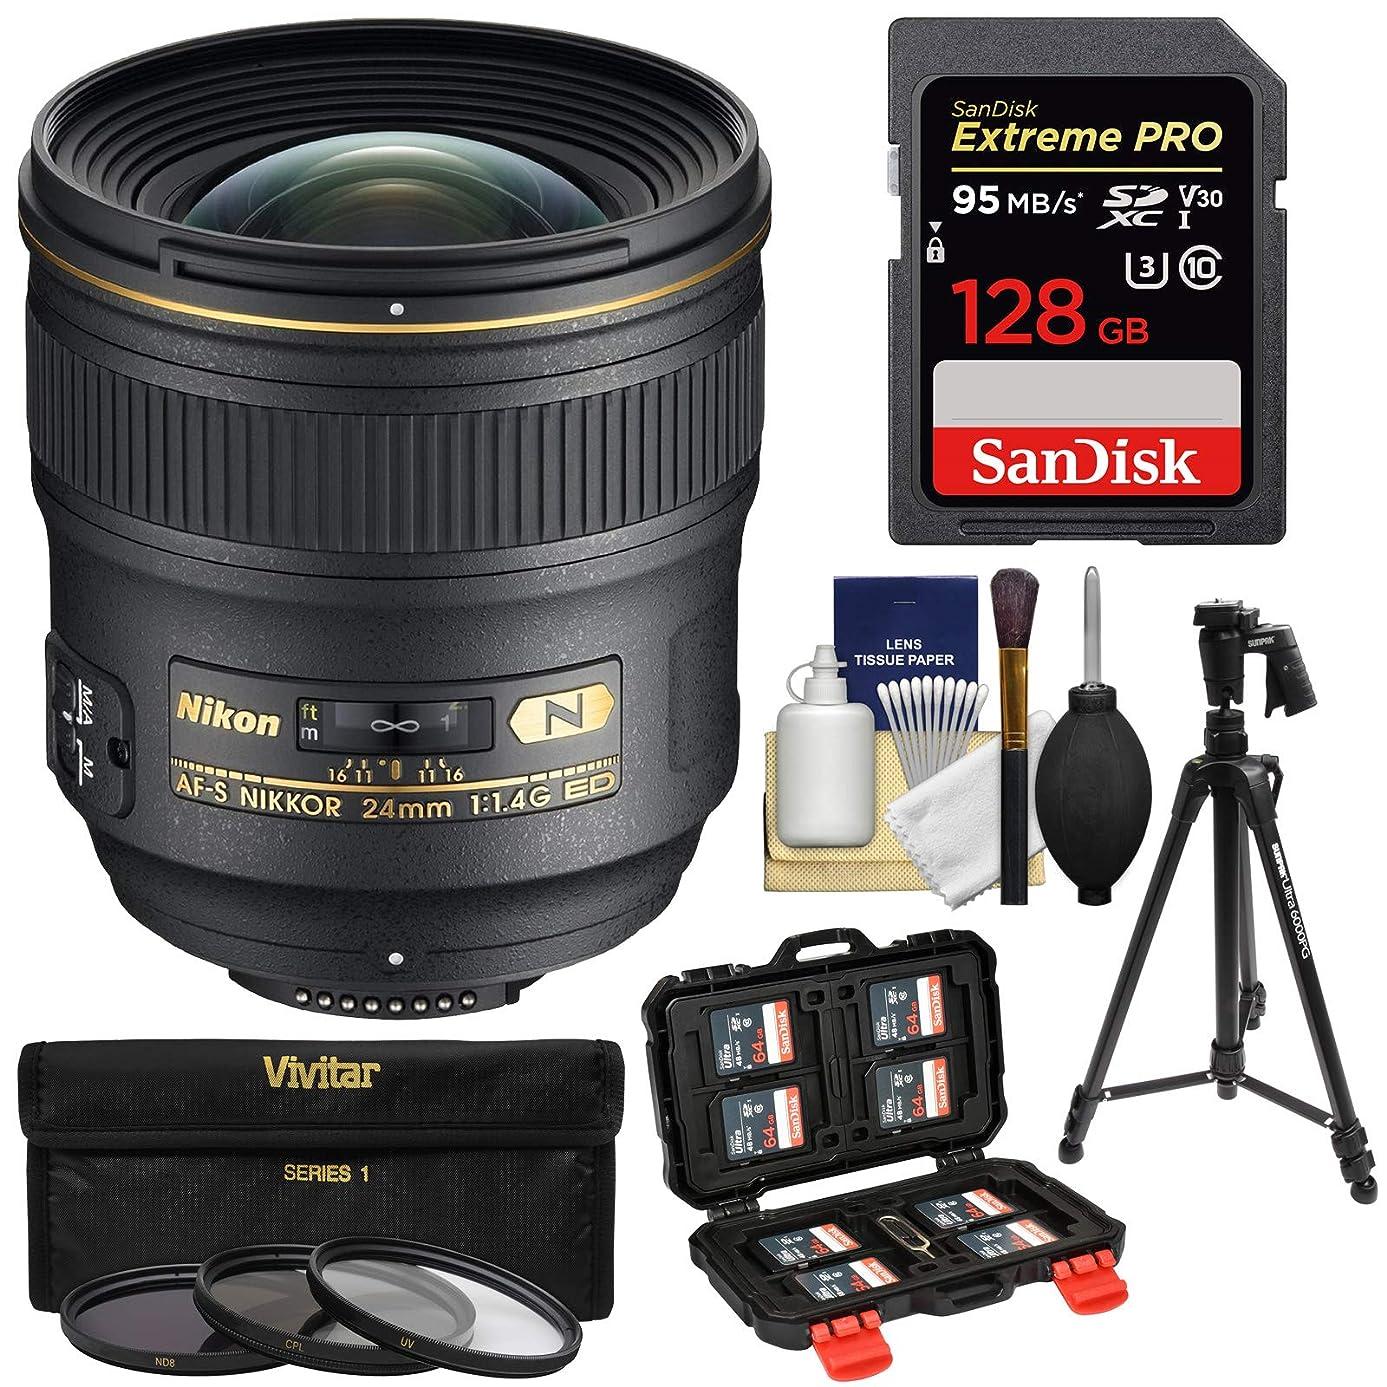 Nikon 24mm f/1.4 G AF-S Nikkor Lens with 128GB Card + 3 UV/CPL/ND8 Filters + Tripod + Kit